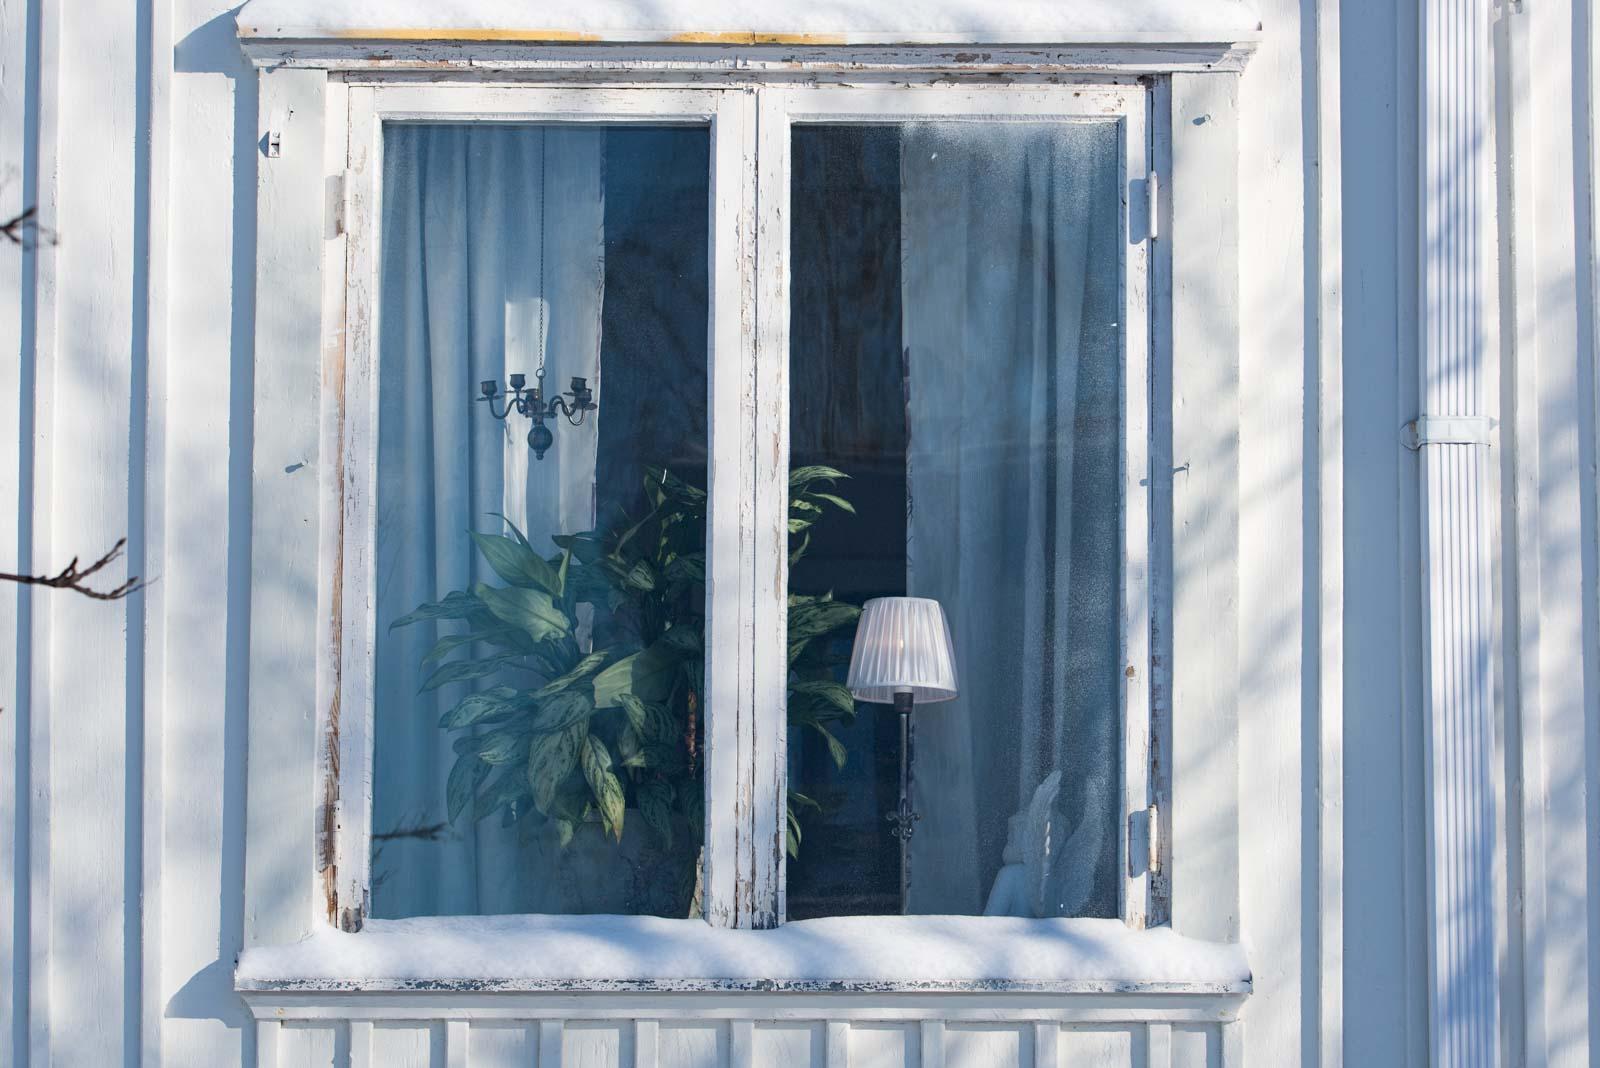 Malå ist eine idyllische Kleinstadt in Schwedisch Lappland